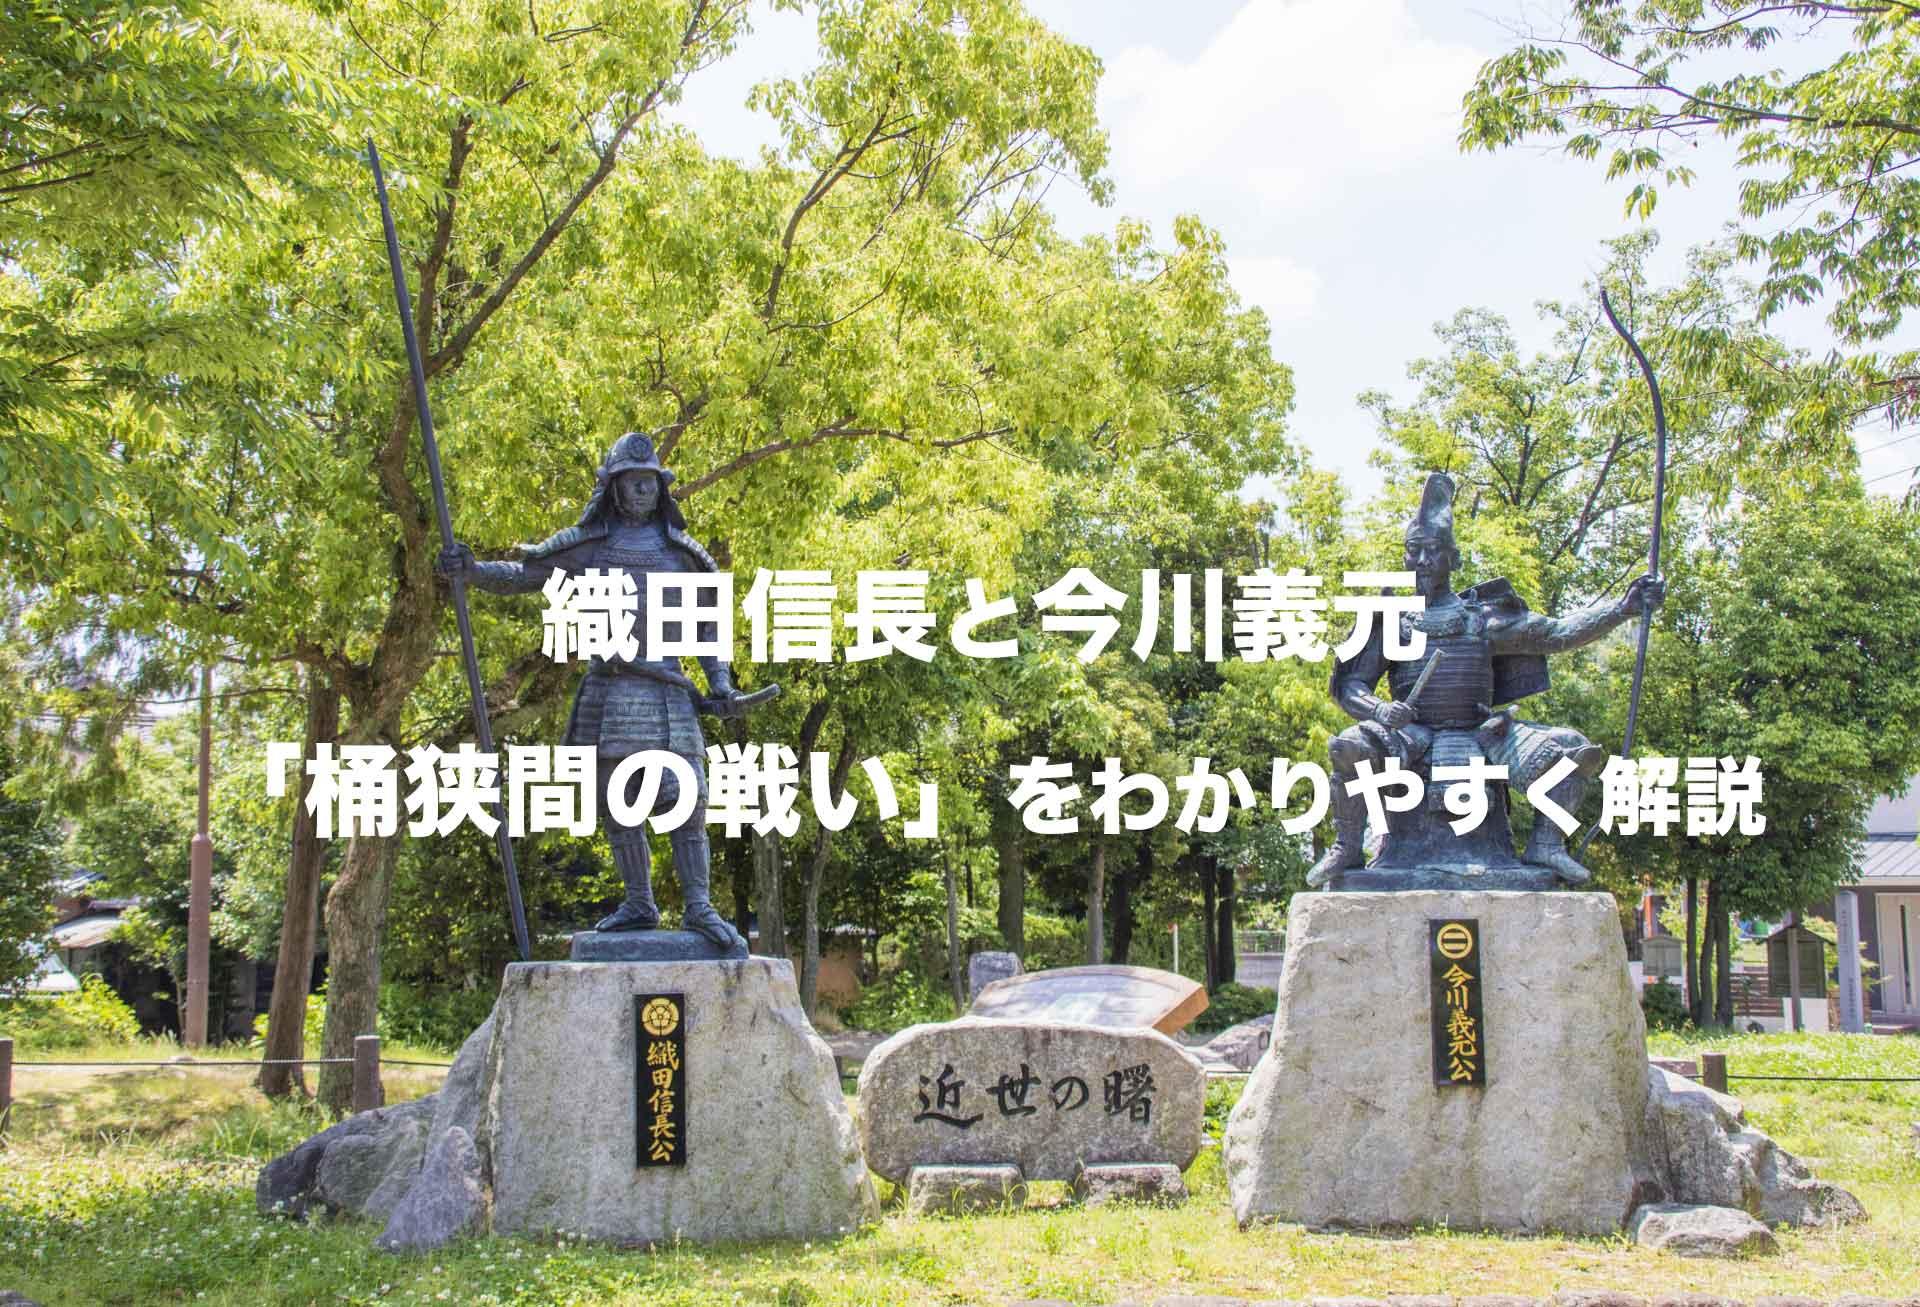 織田信長と今川義元、「桶狭間の戦い」で信長が勝てた理由をわかりやすく解説